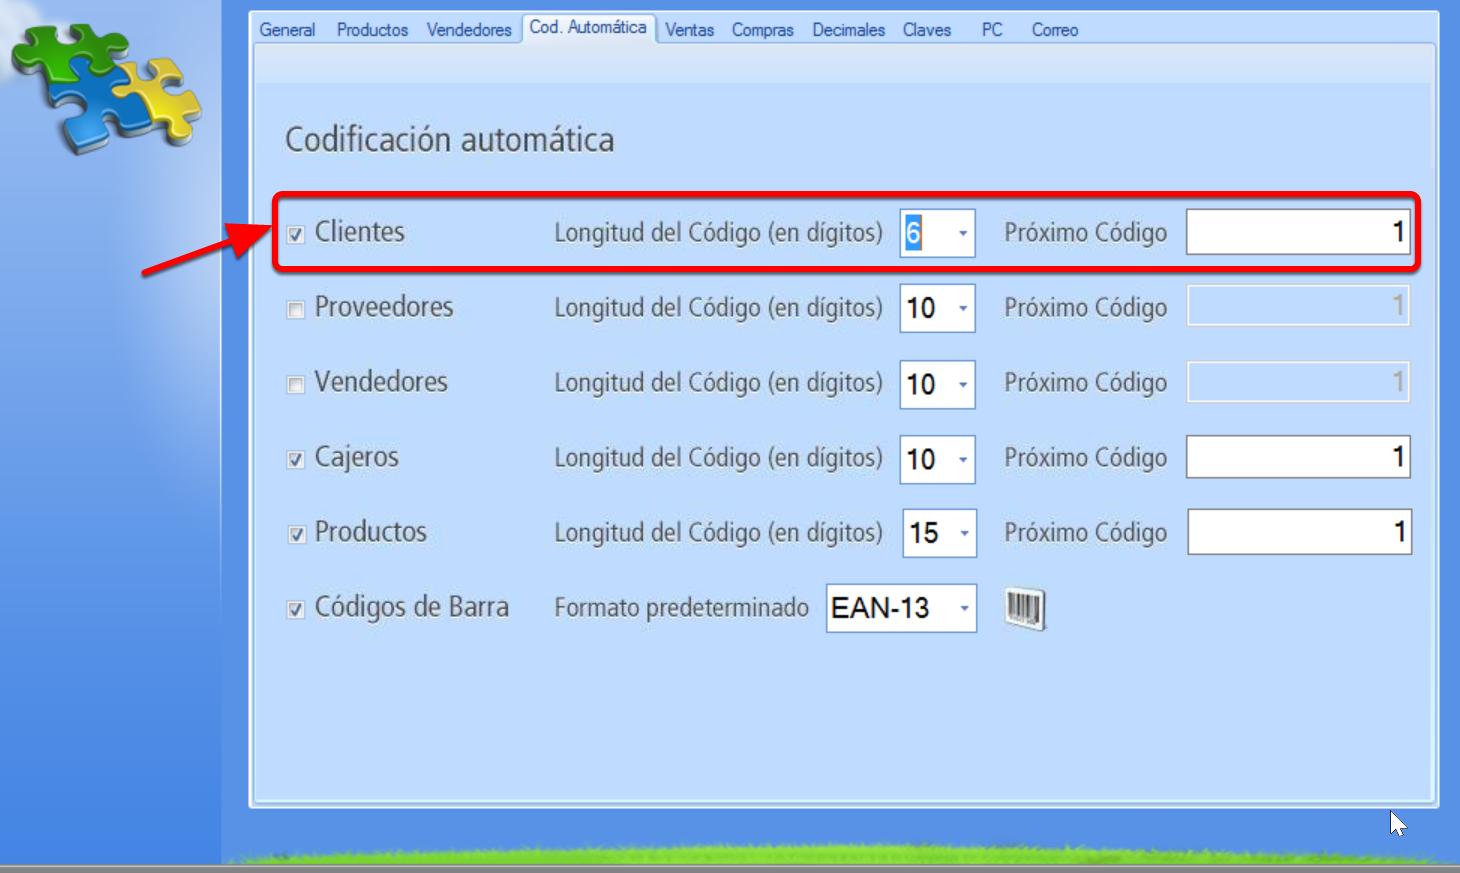 Establece la codificación automática de cliente